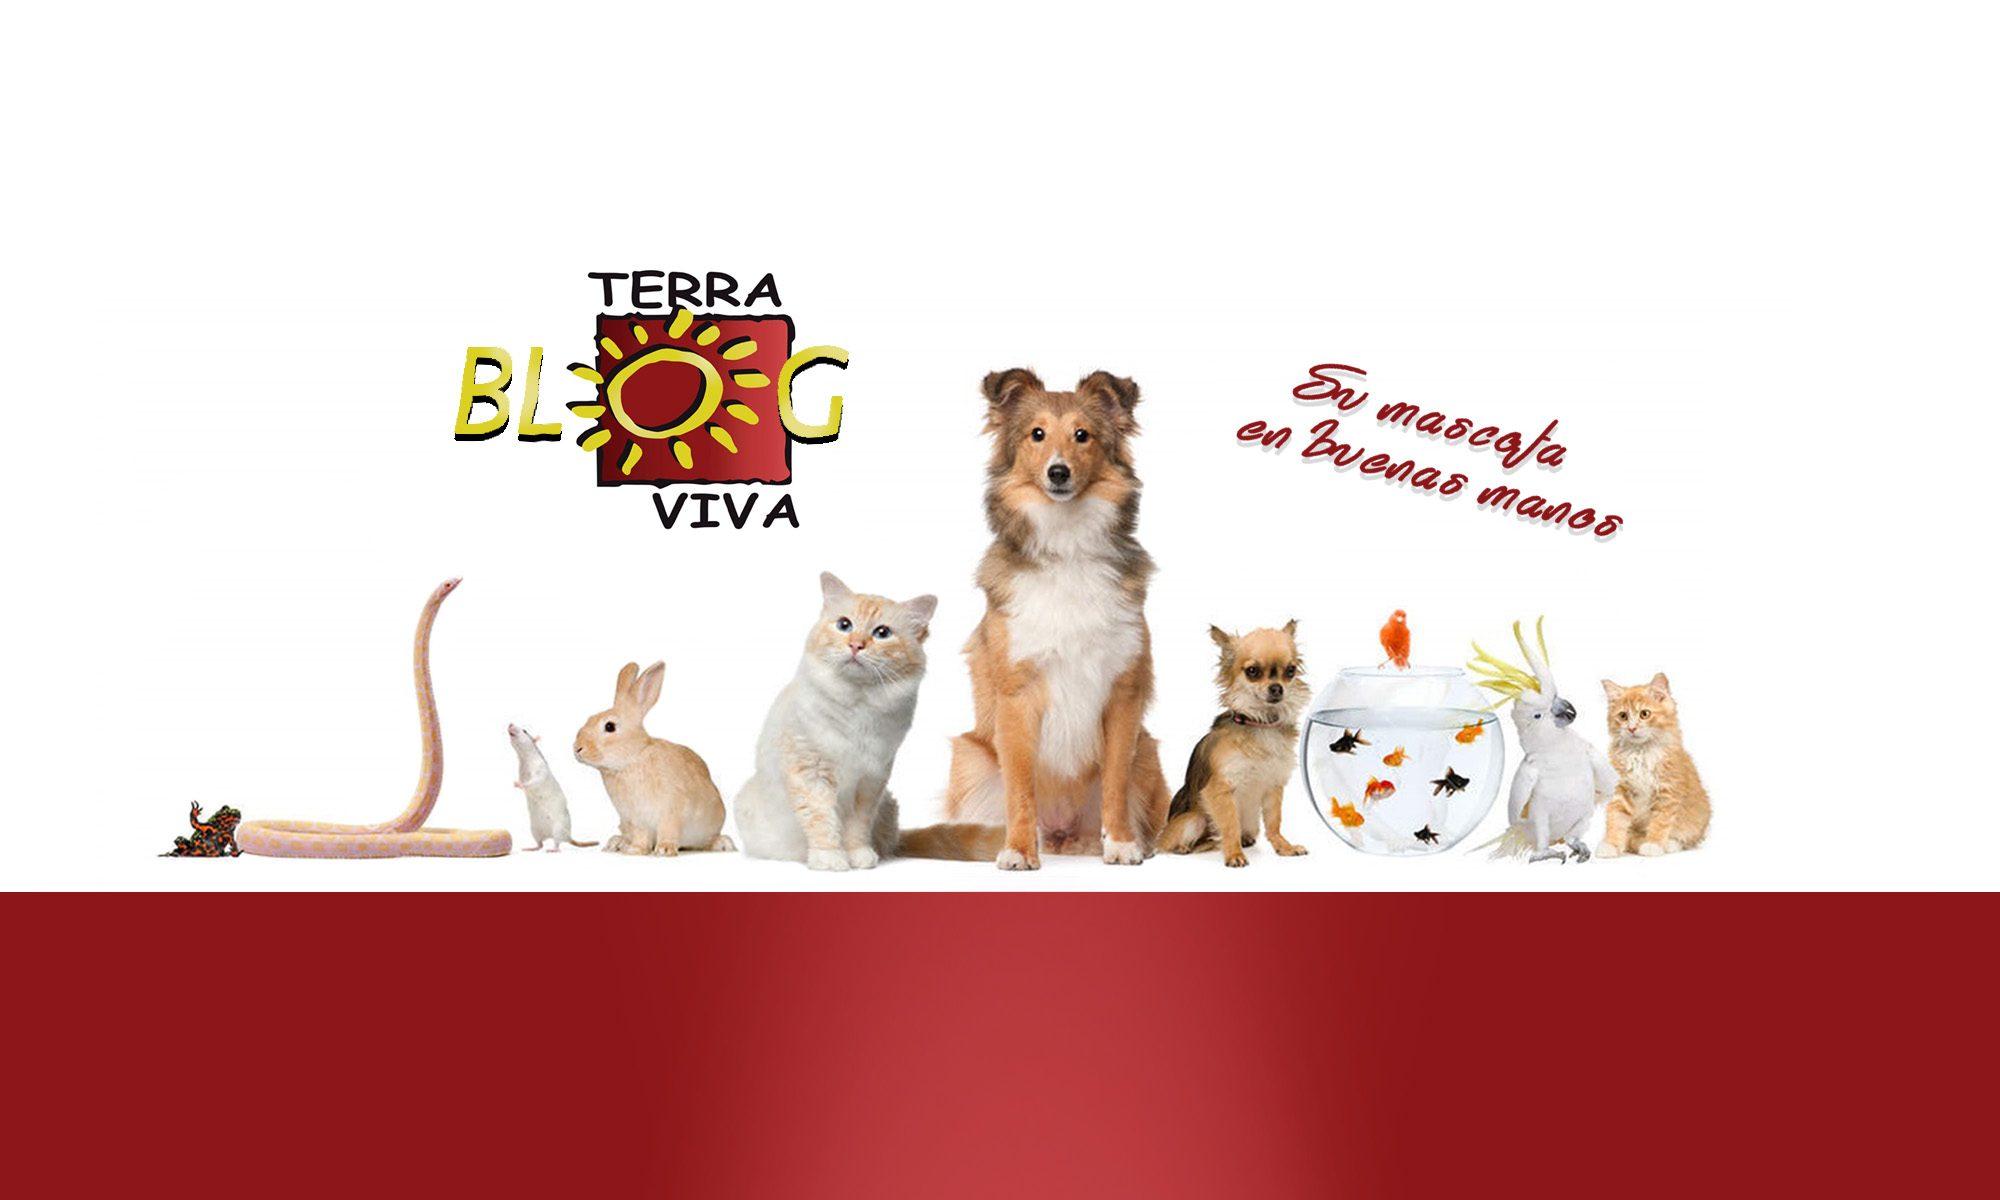 Blog terraviva